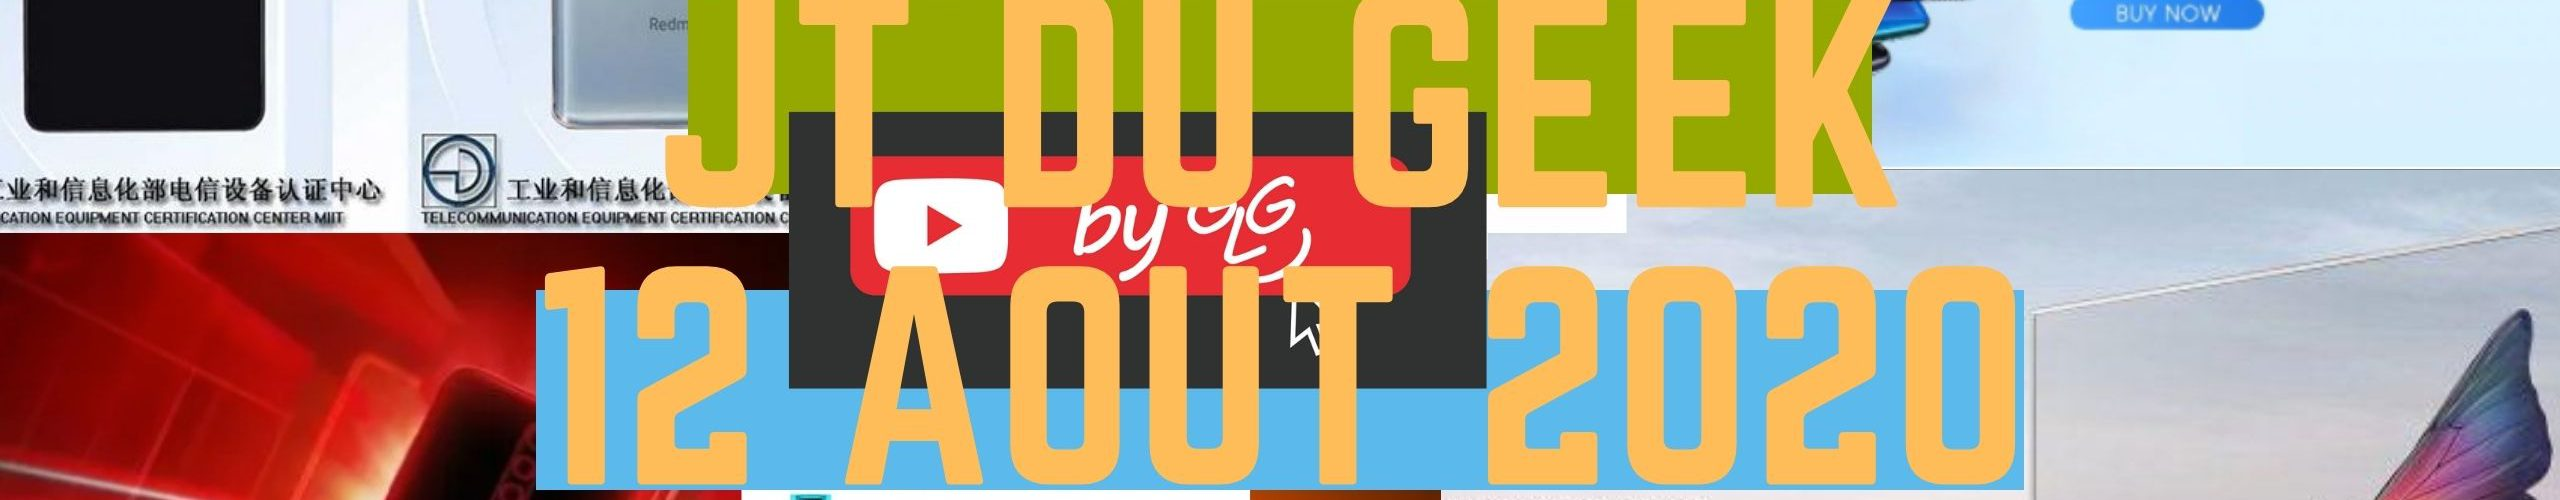 Zap Actu Tech 12 Aout By Glg